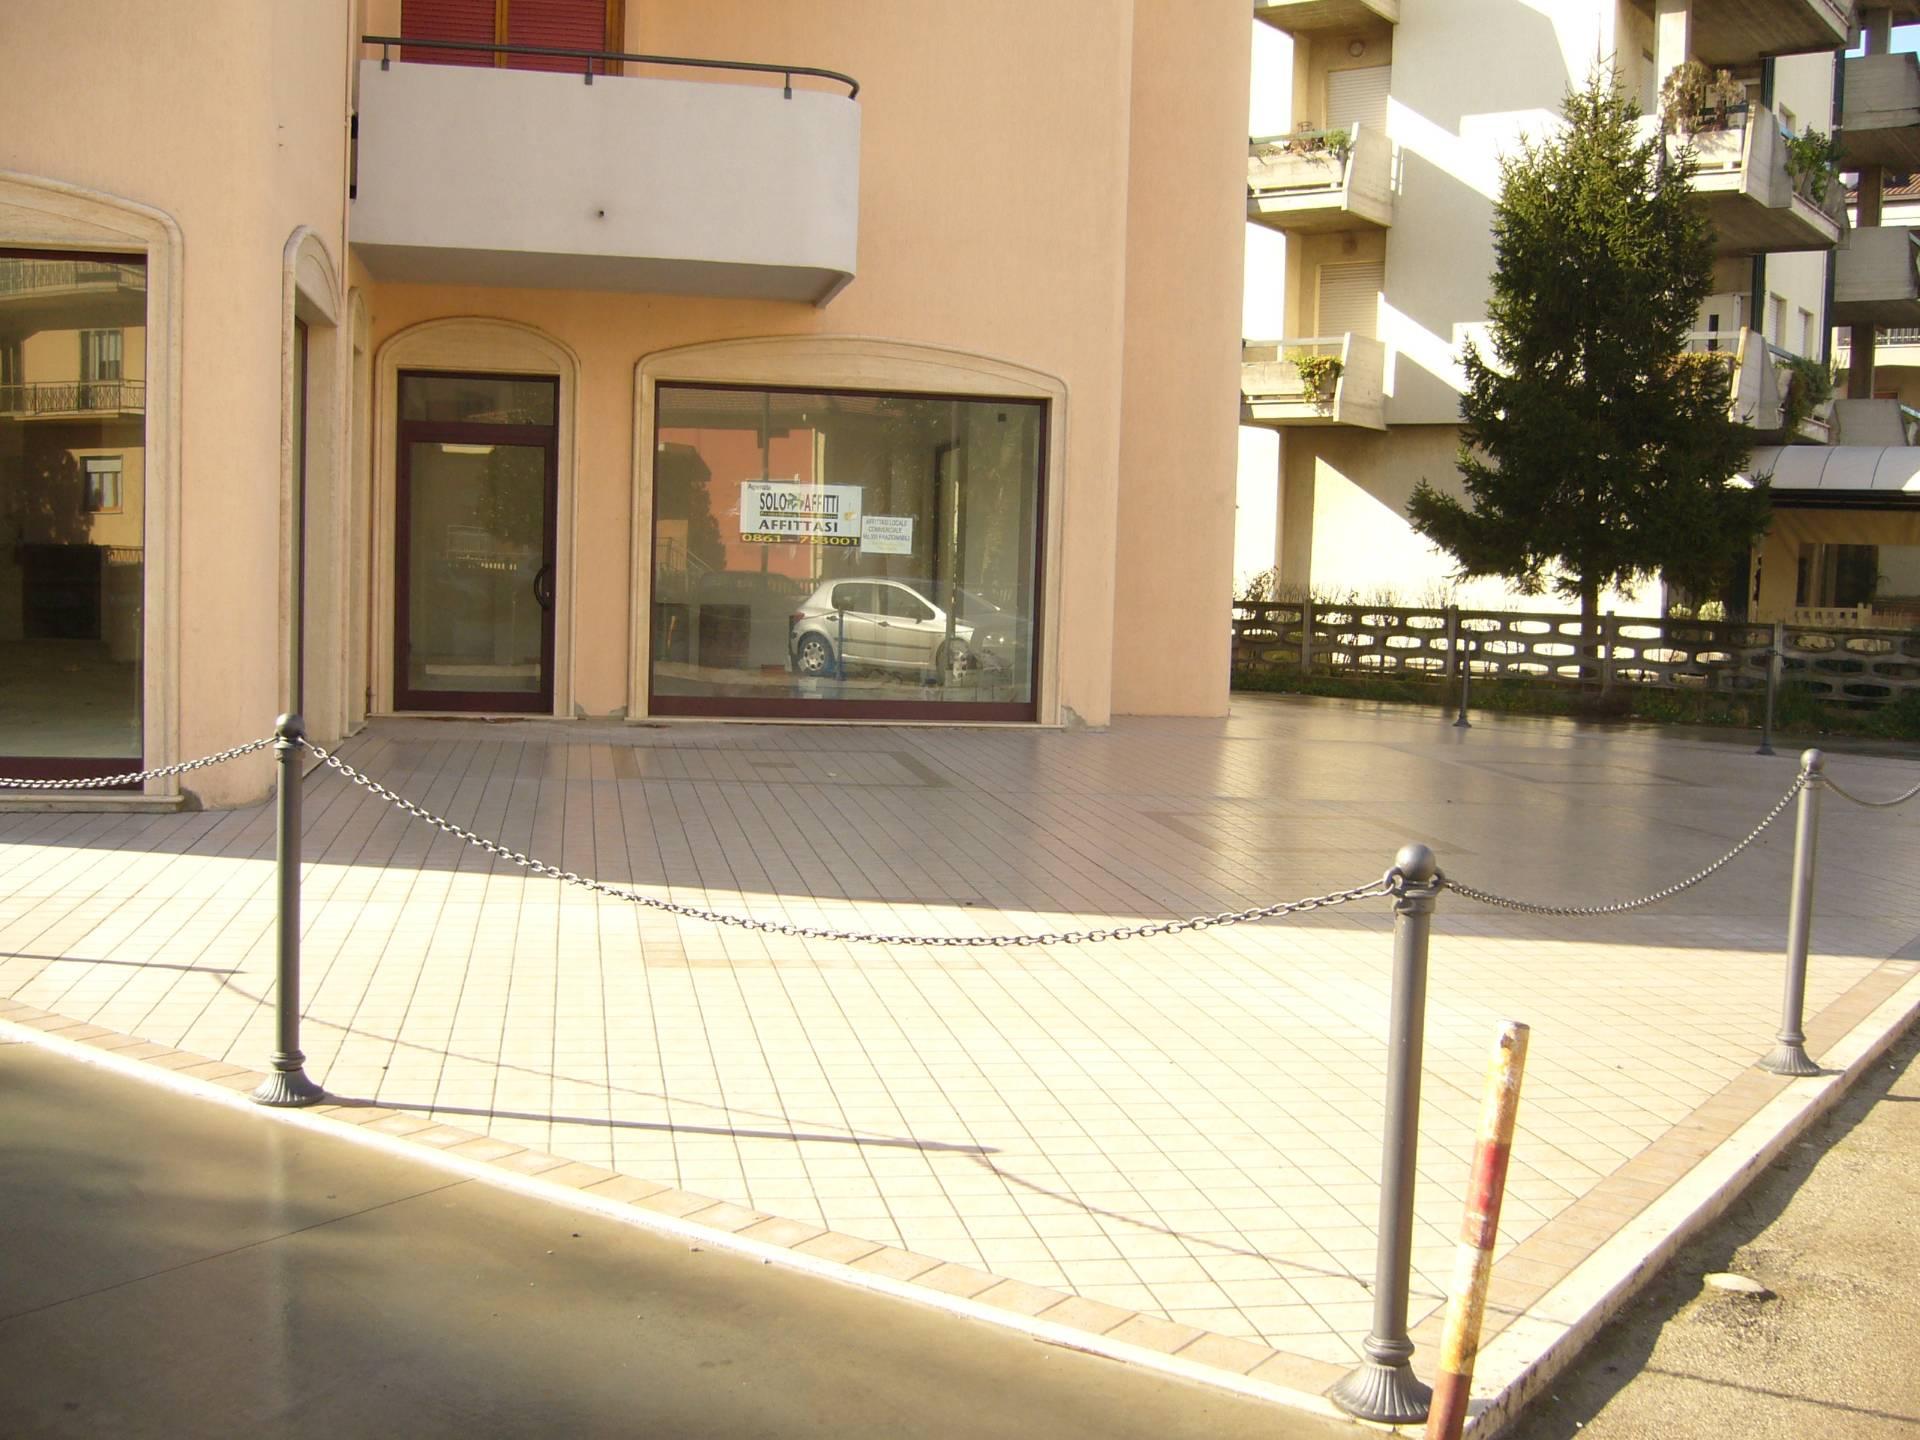 Negozio / Locale in affitto a Alba Adriatica, 9999 locali, zona Località: ZonaMare, prezzo € 2.000   CambioCasa.it